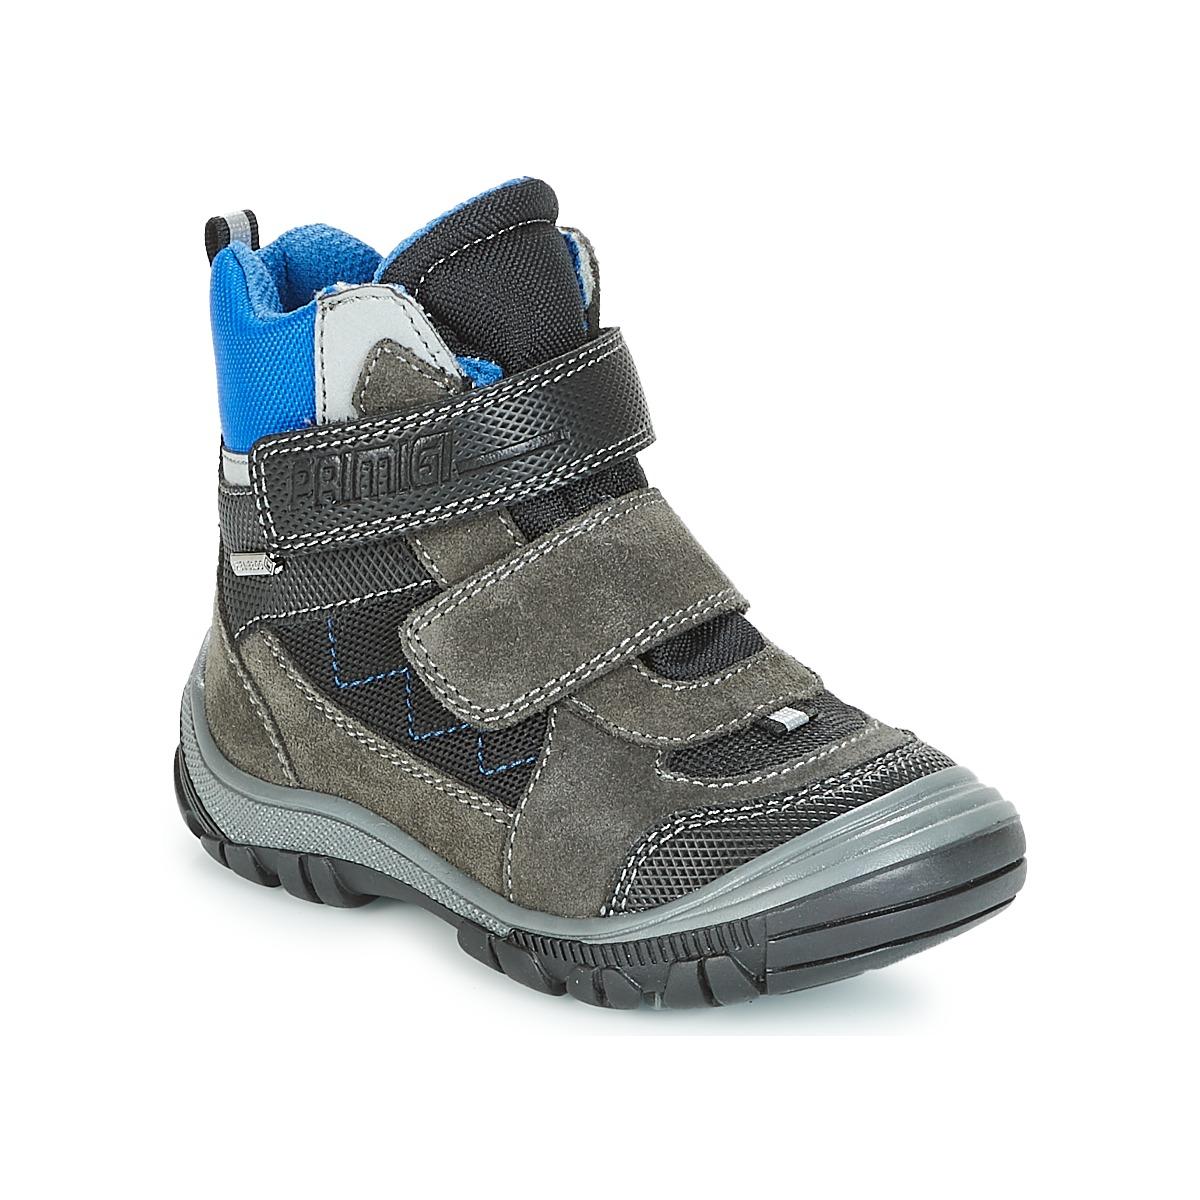 Vinterstøvler til børn Primigi  PNA 24355 GORE-TEX